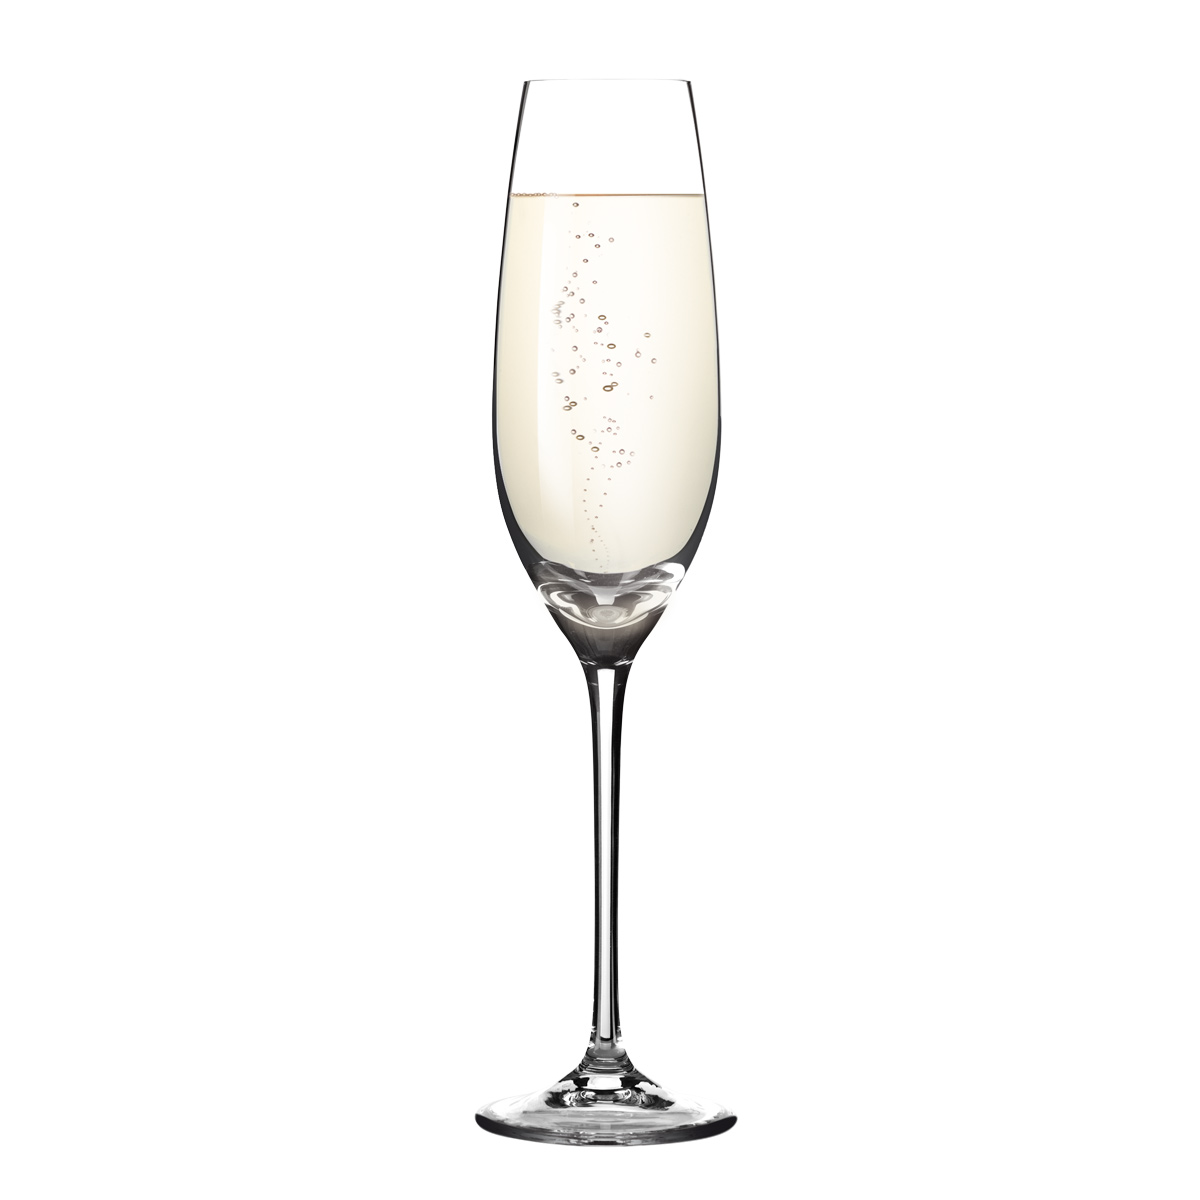 Sklenice na šampaňské SOMMELIER 210 ml, 6 ks